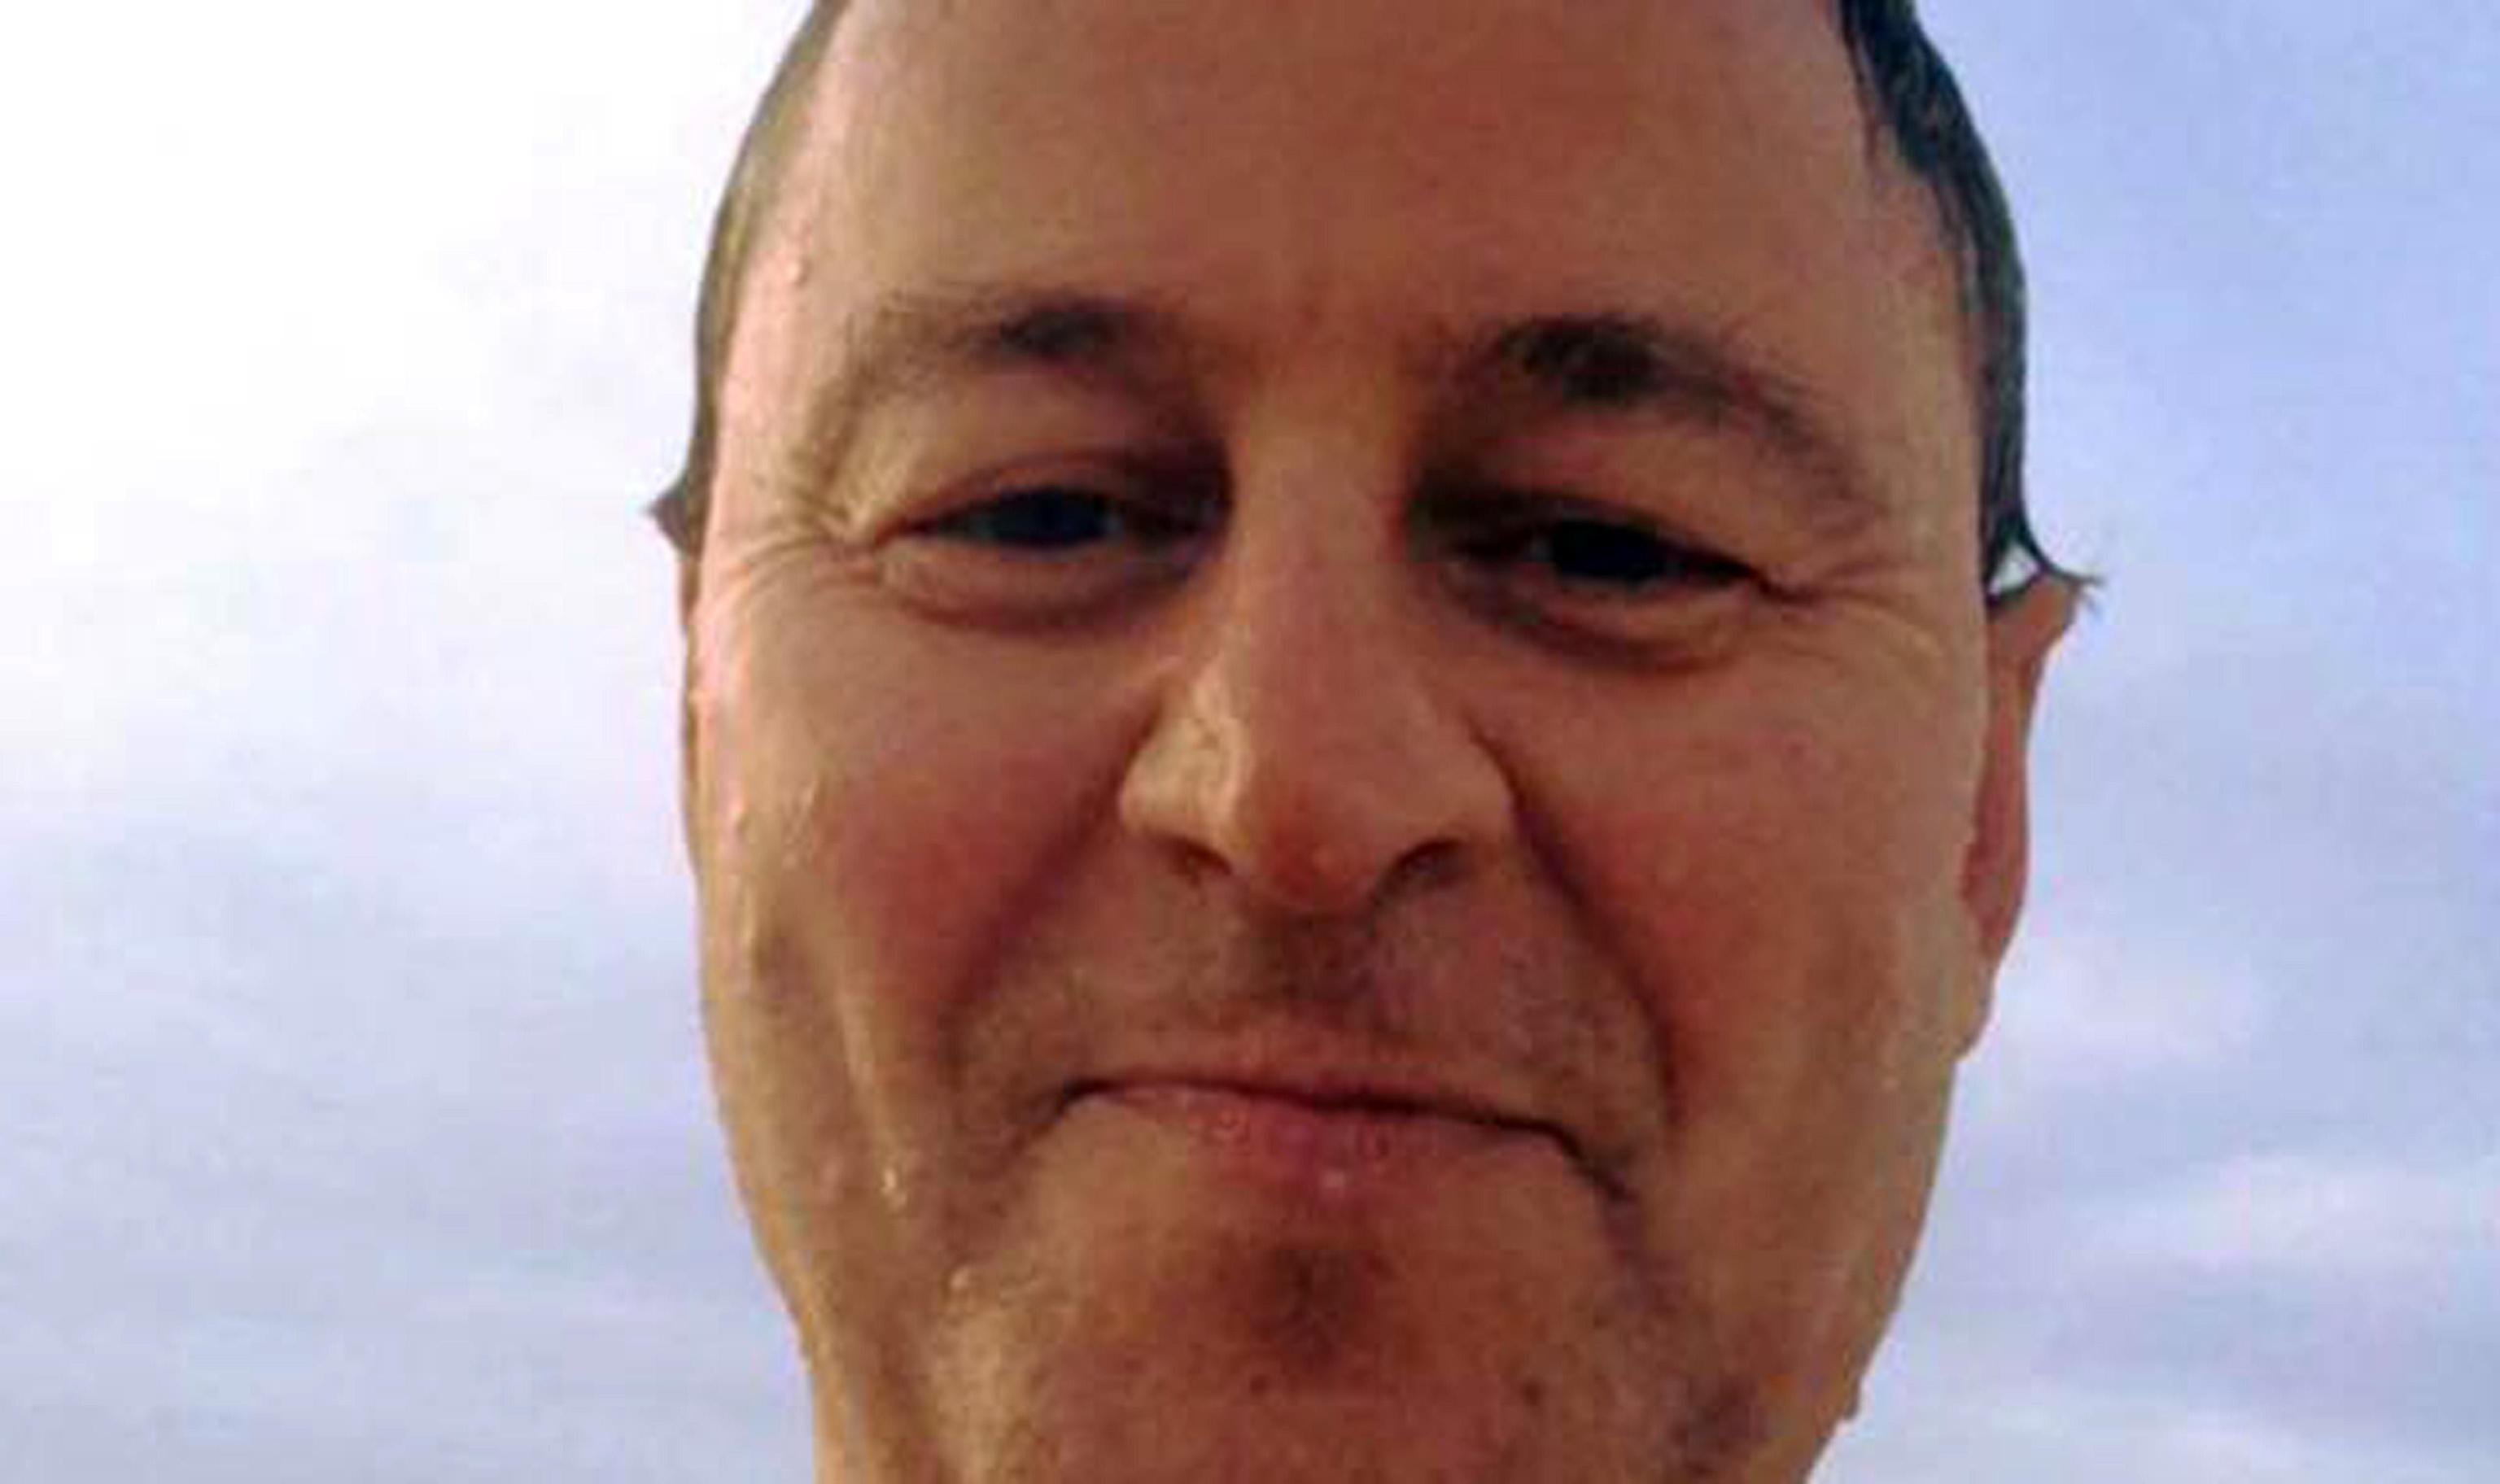 Morto Enrico Maccari: il corpo del manager scomparso a Natale ritrovato a Milano